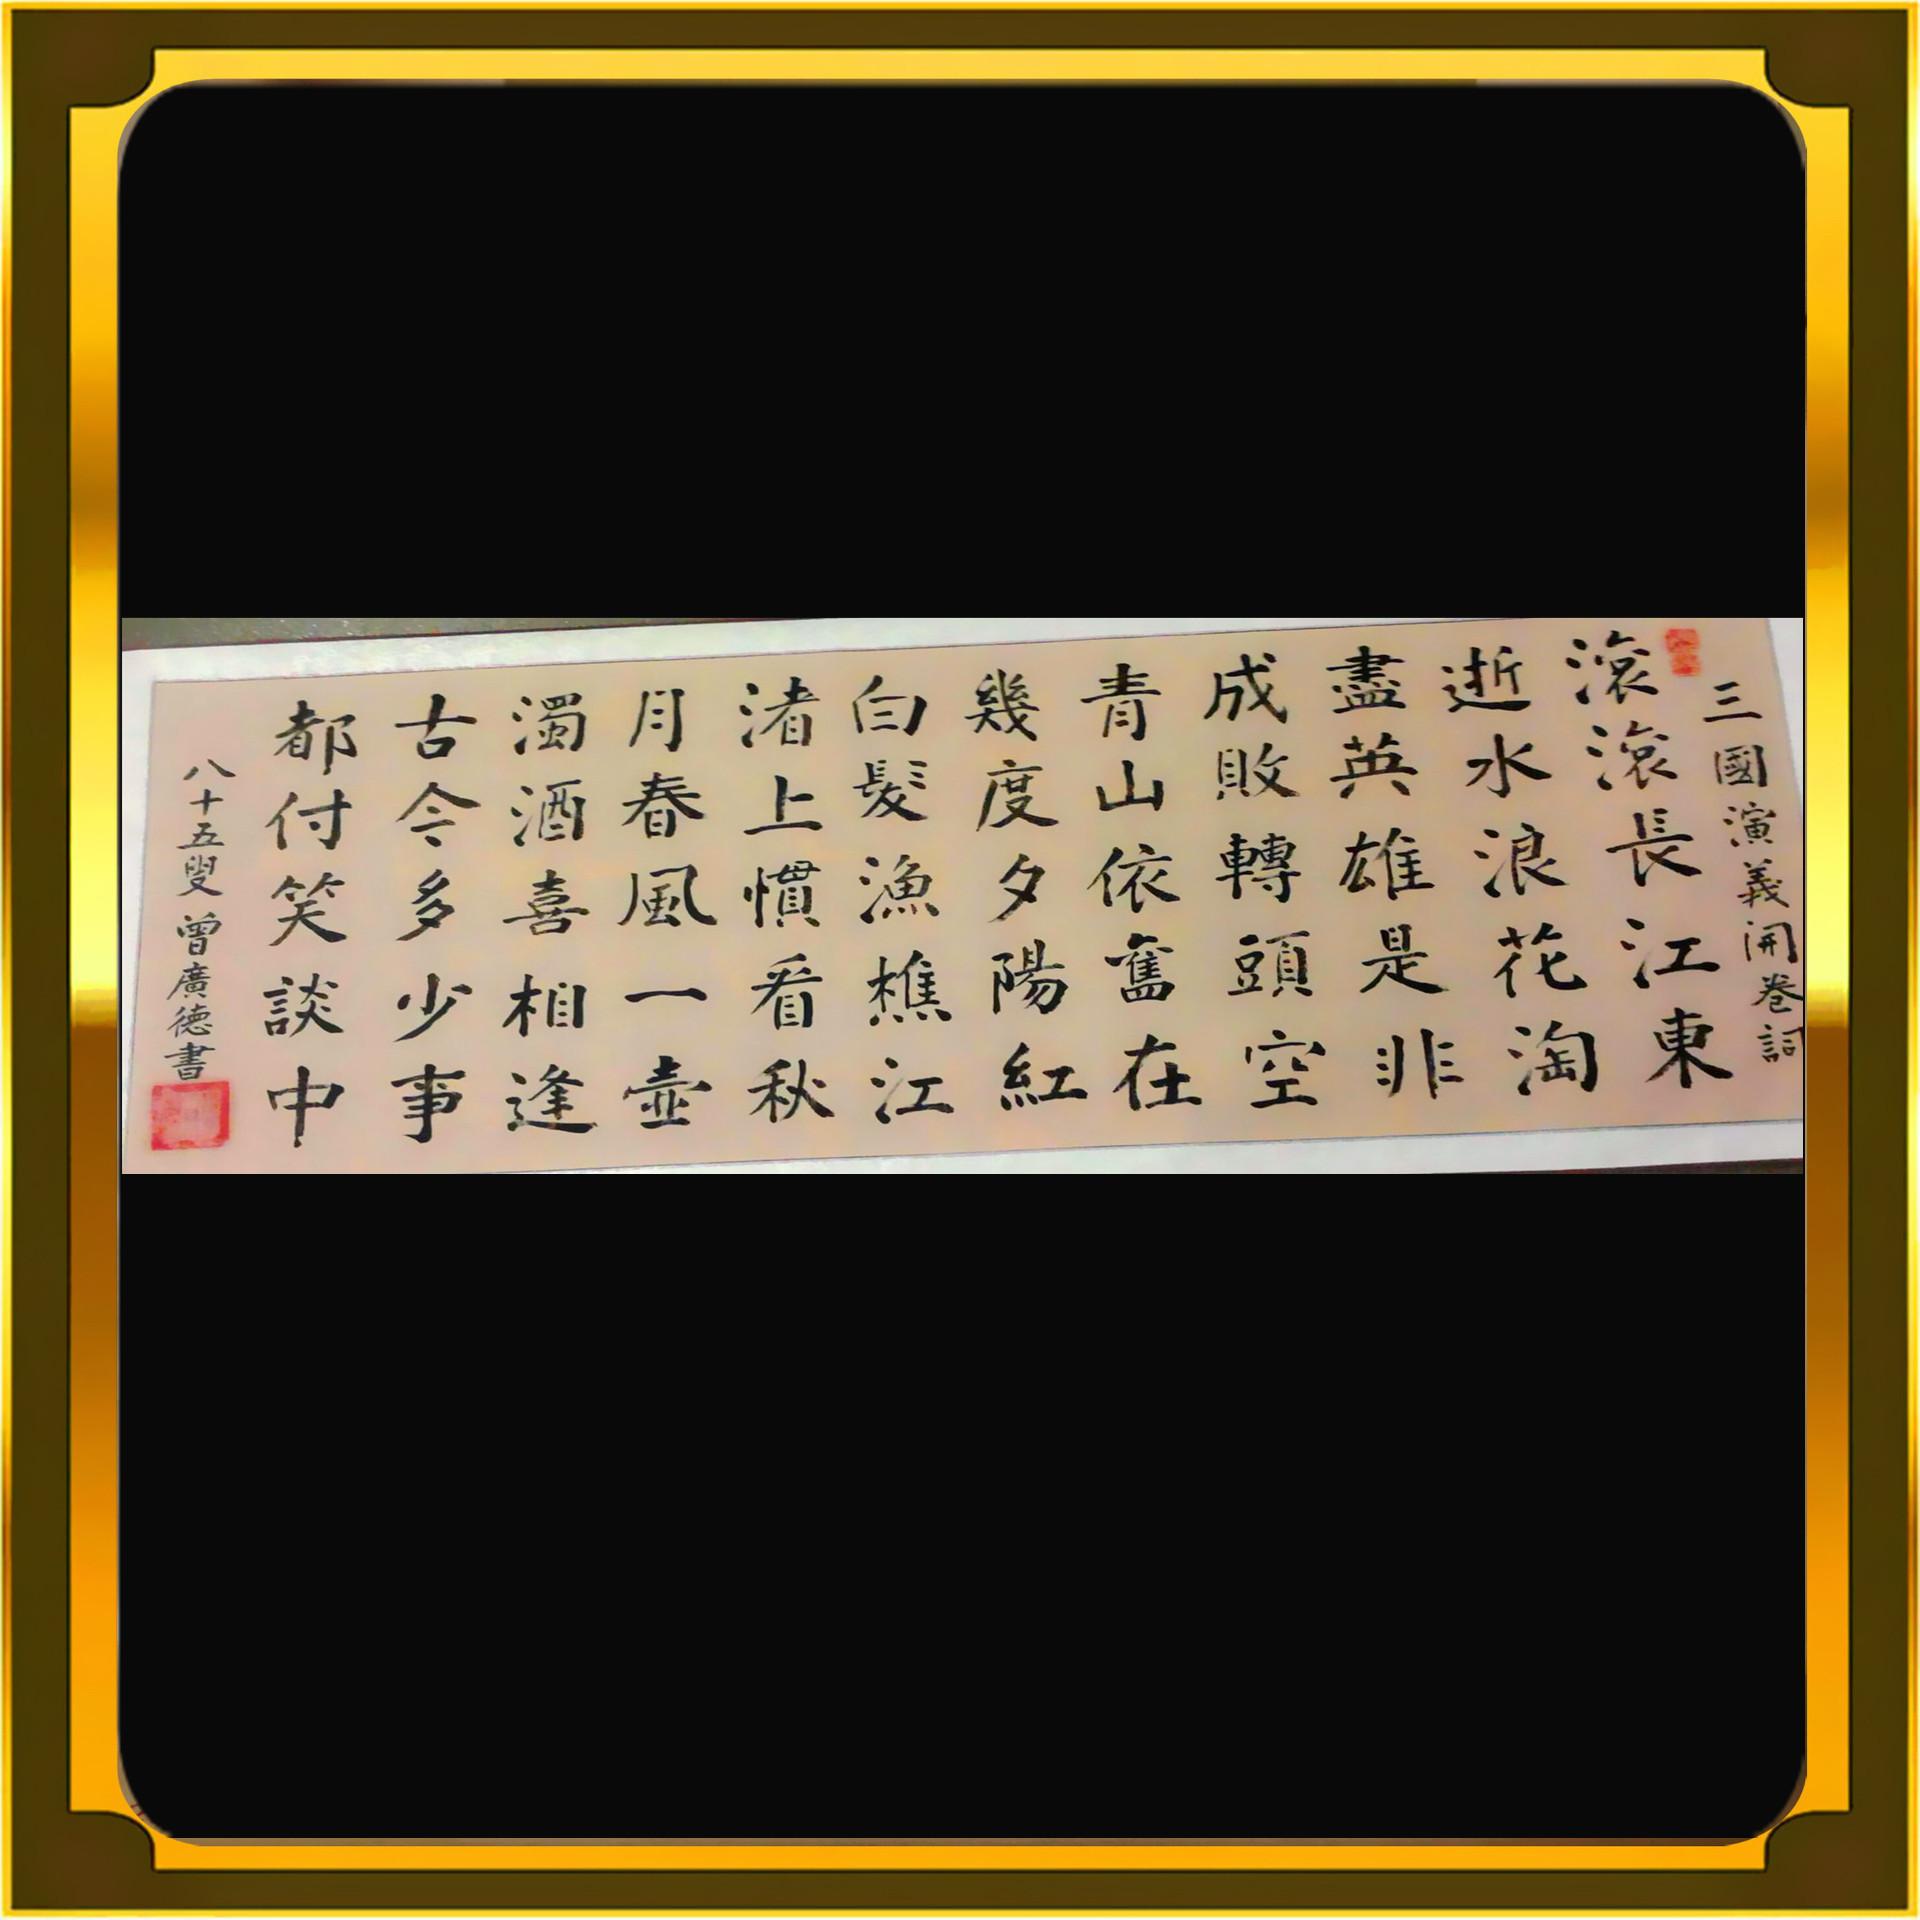 名人字画中国文化和平使者世界和平艺术大师经典作品【三国演义】